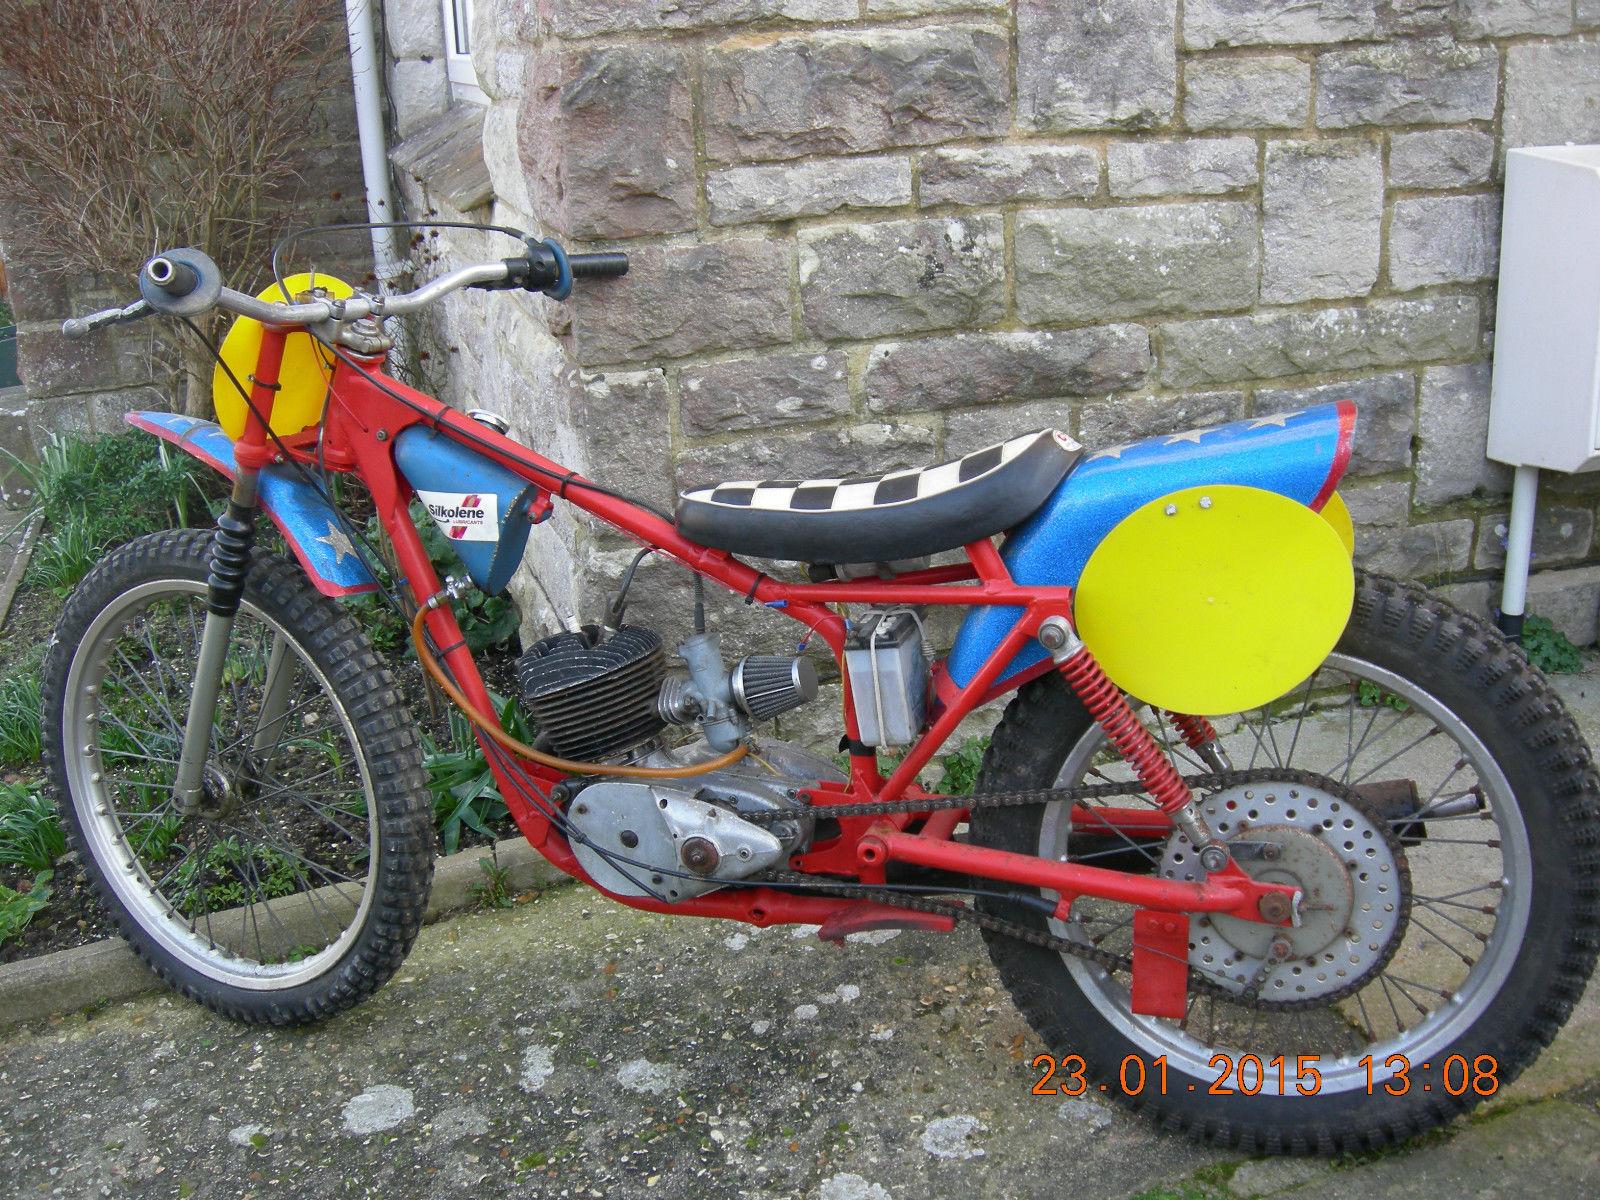 bsa grass track speedway motorcycle barn find